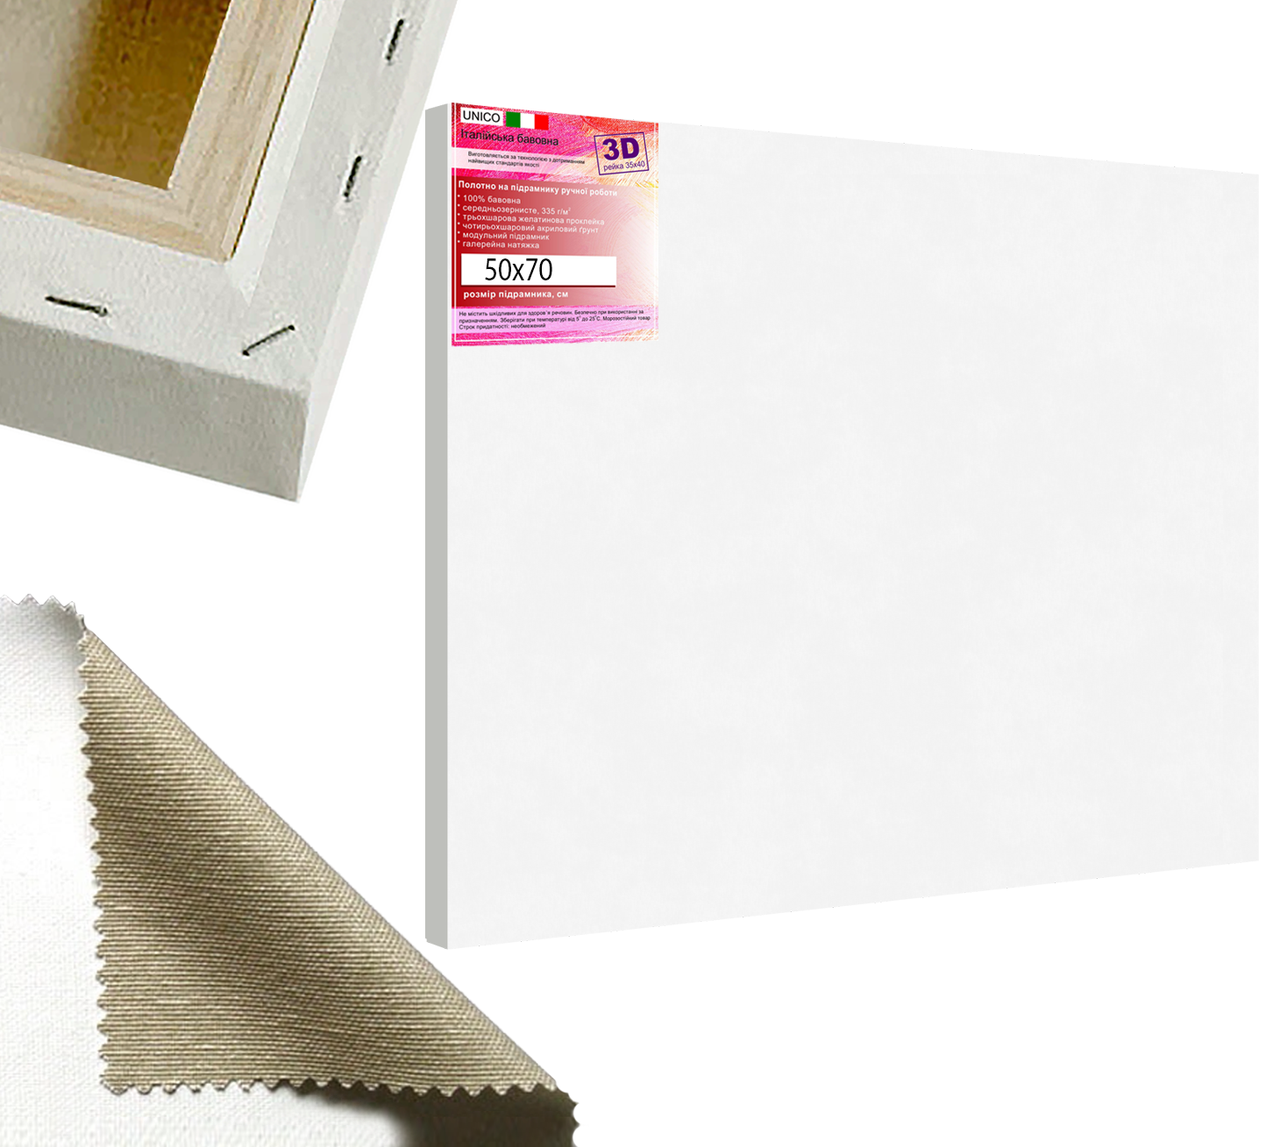 Холст на подрамнике Factura Unico3D 50х70 см Итальянский хлопок 335 грамм кв.м. среднее зерно белый